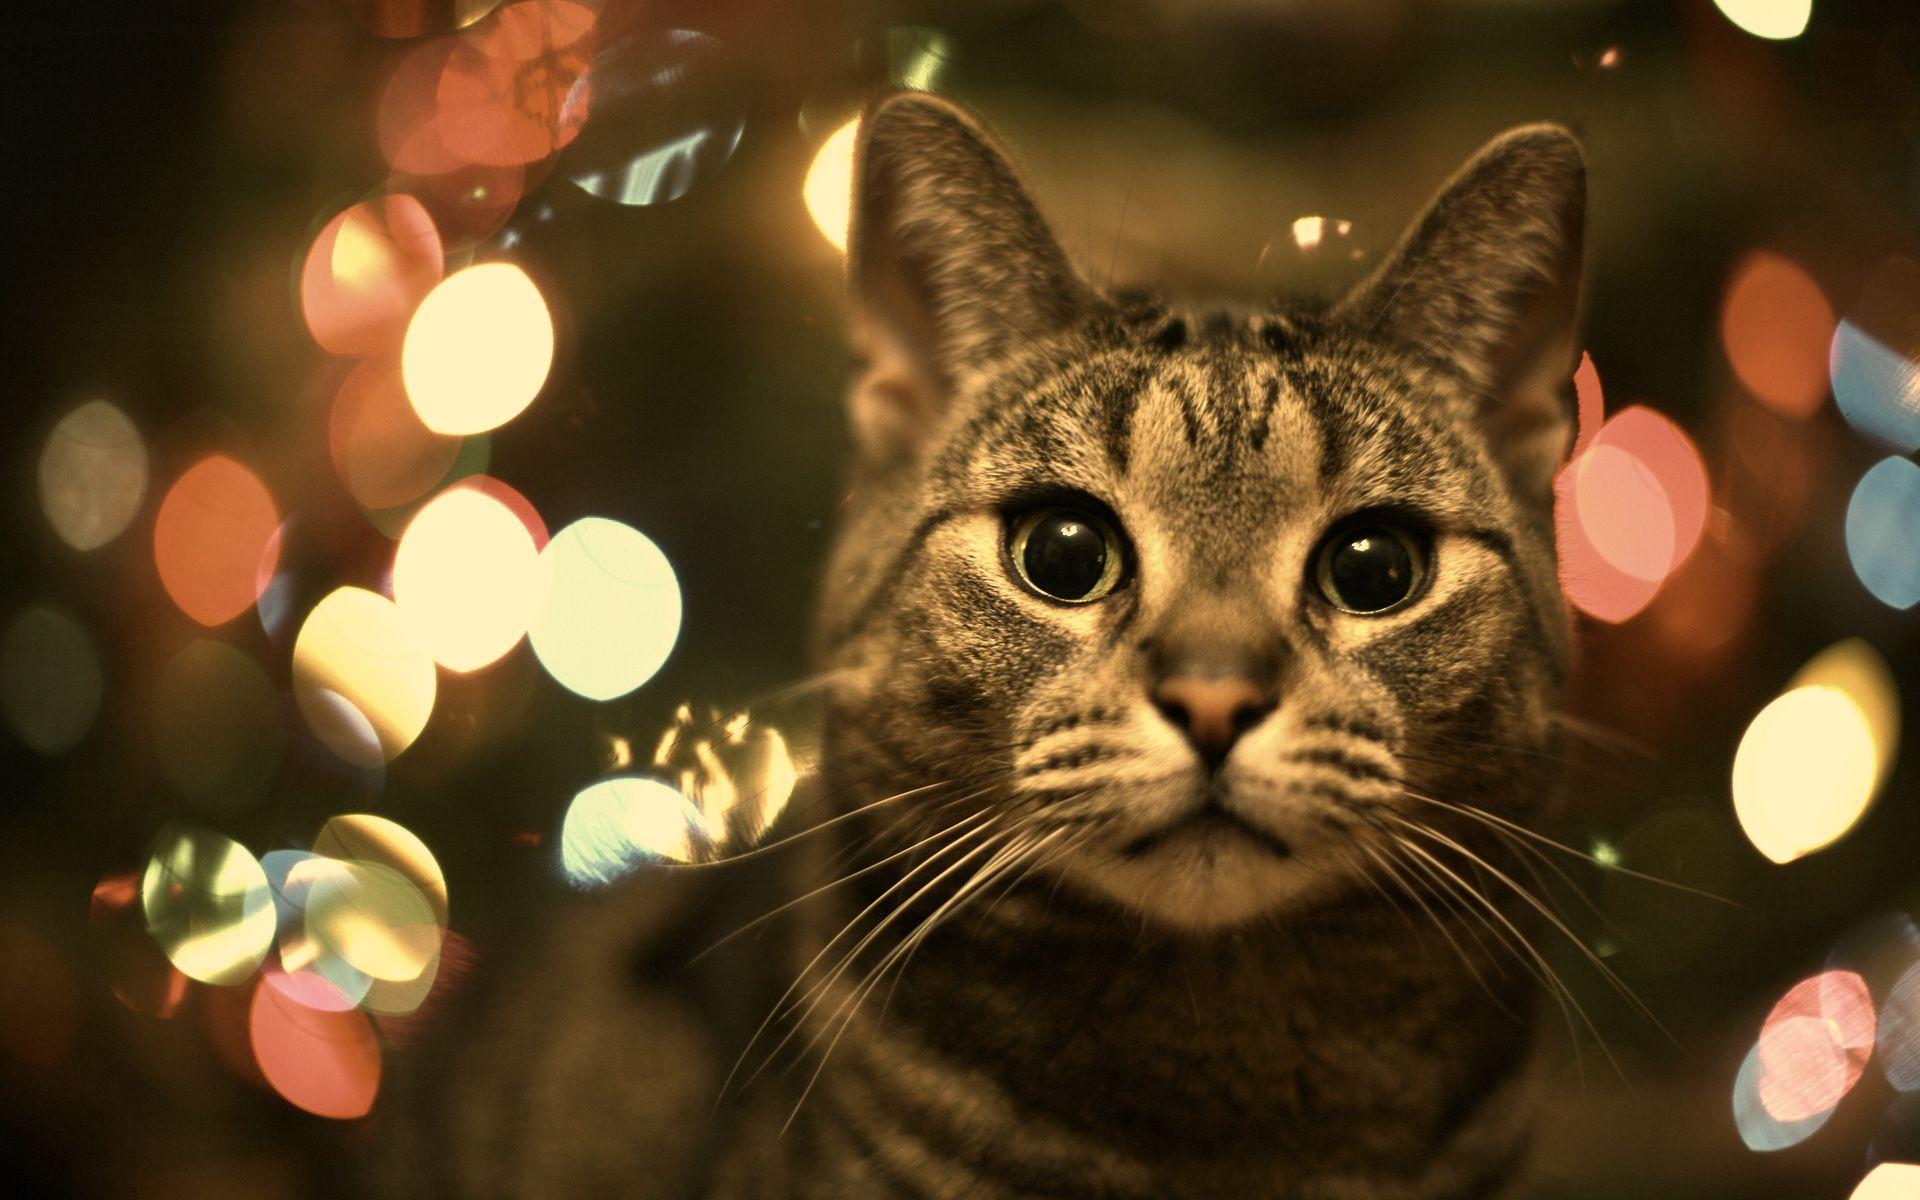 Christmas Cat Wallpaper Christmas Cats Cat Wallpaper Kitten Wallpaper